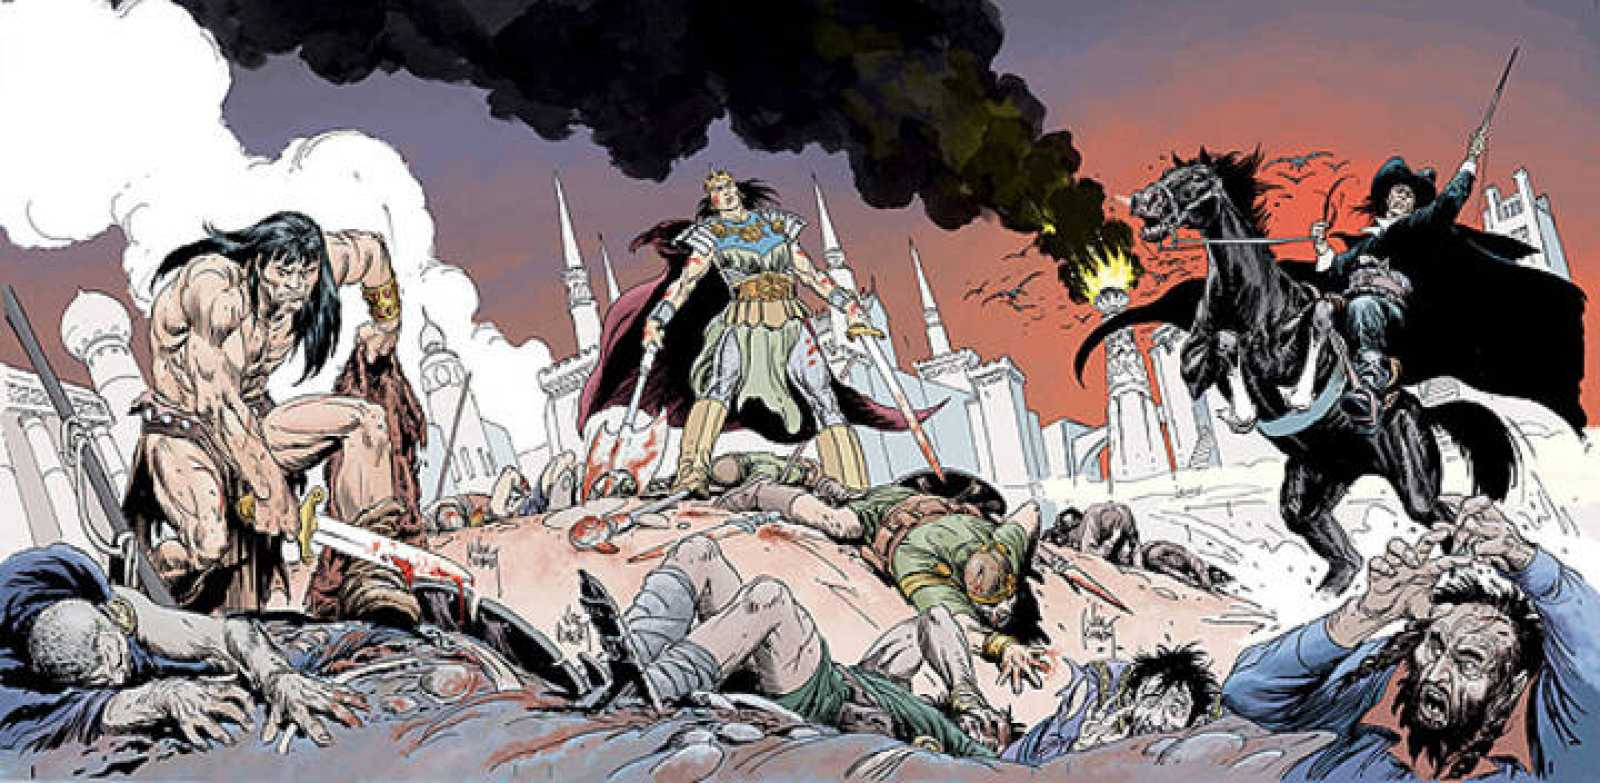 Los tres personajes más conocidos de Robert E. Howard, Conan, El Rey Kull y Solomón Kane, ilustrados por Joe Kubert